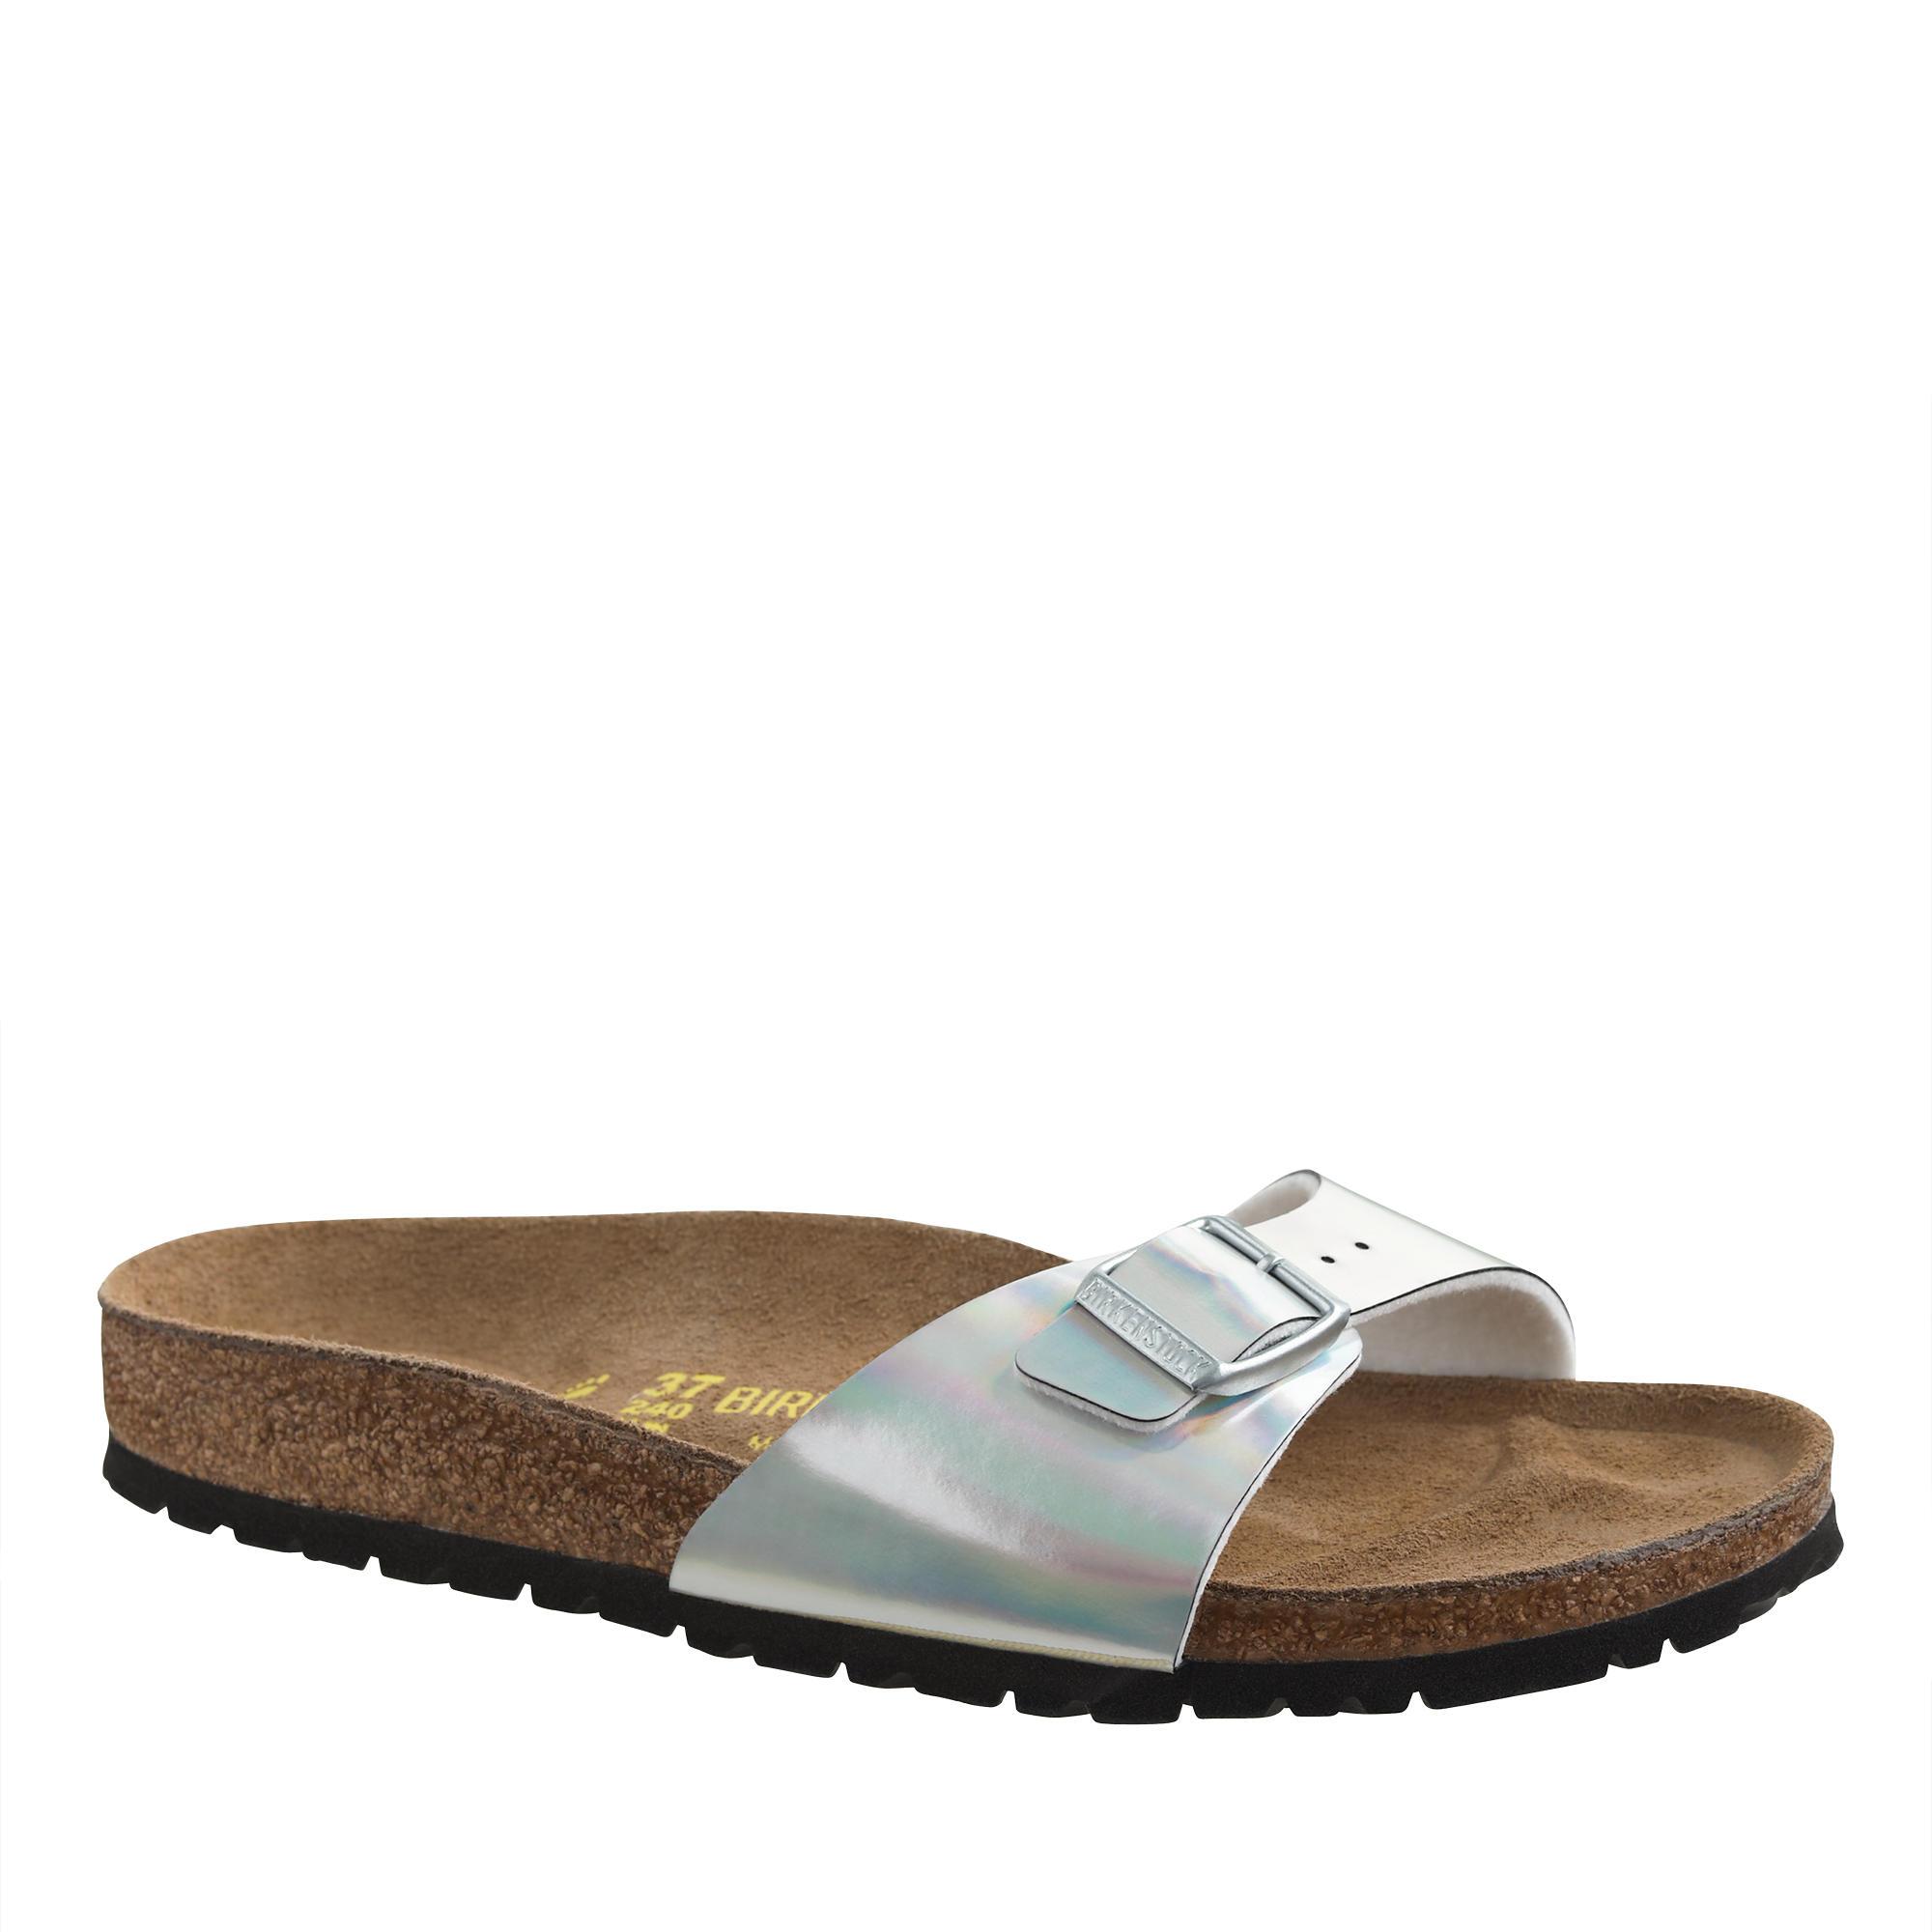 women 39 s birkenstock metallic madrid sandals in. Black Bedroom Furniture Sets. Home Design Ideas